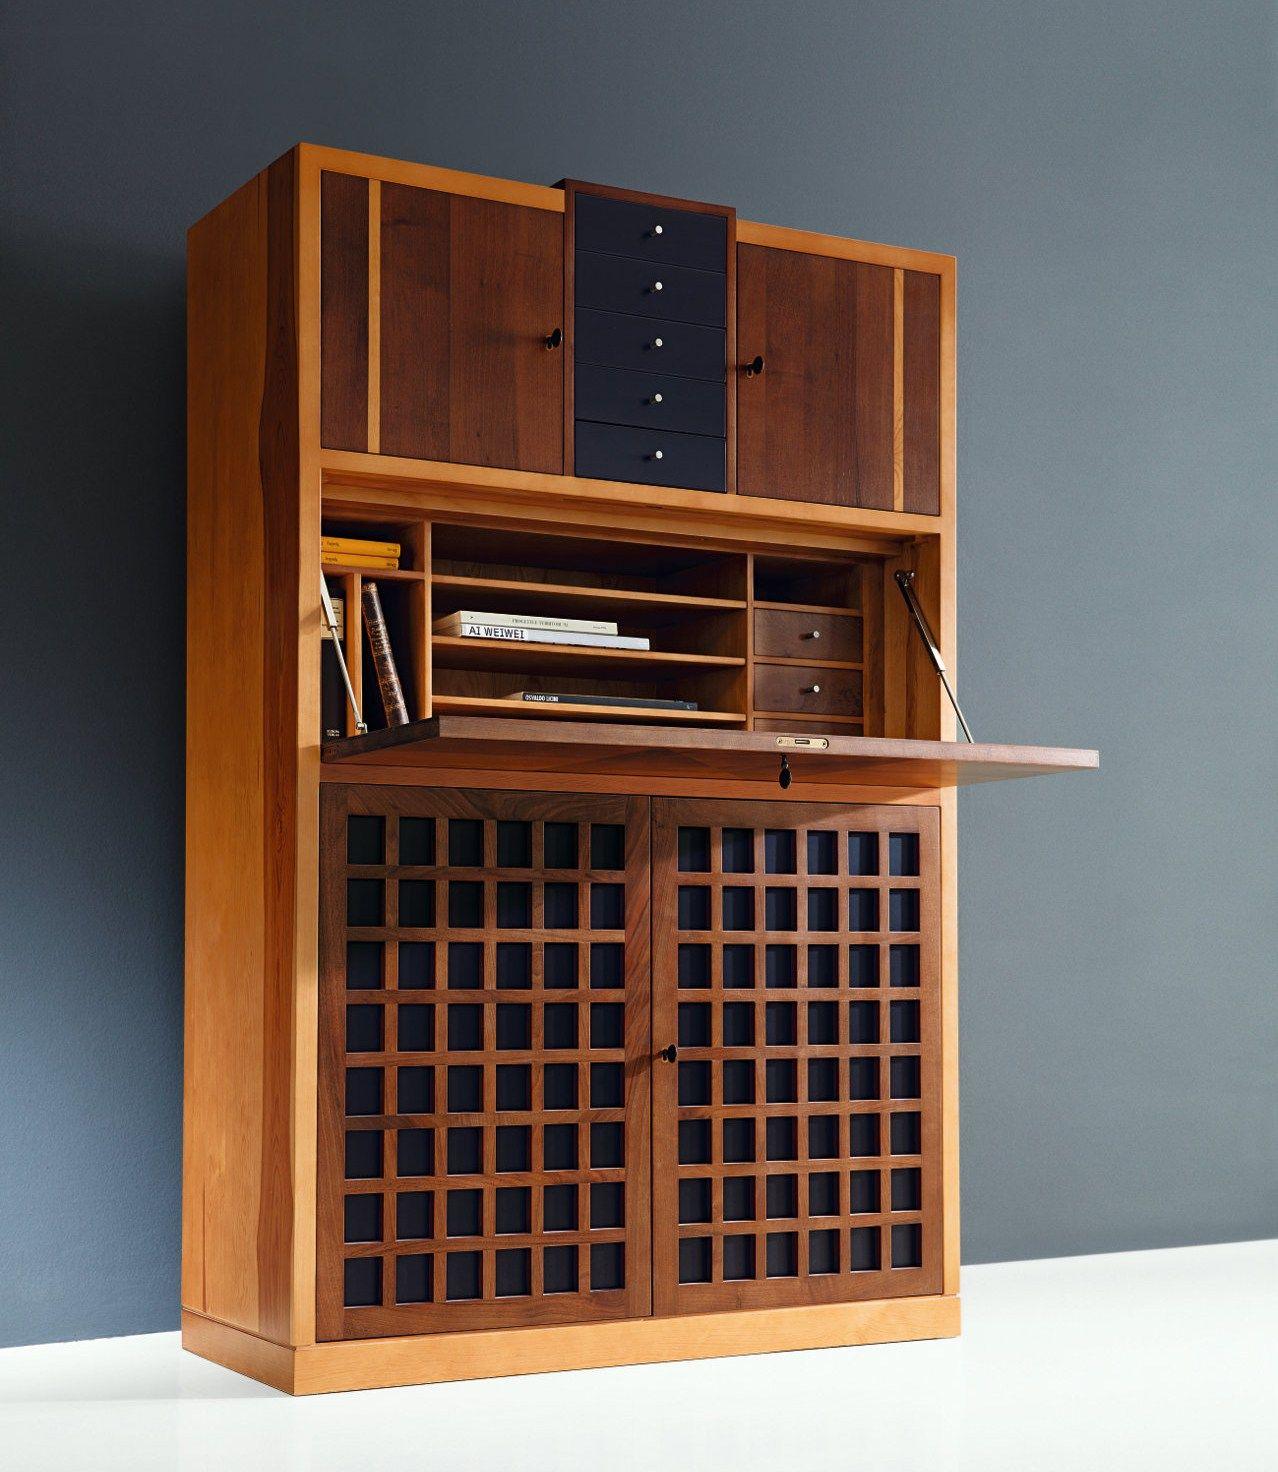 credenza in legno con ante a battente 5351 by marktex. Black Bedroom Furniture Sets. Home Design Ideas